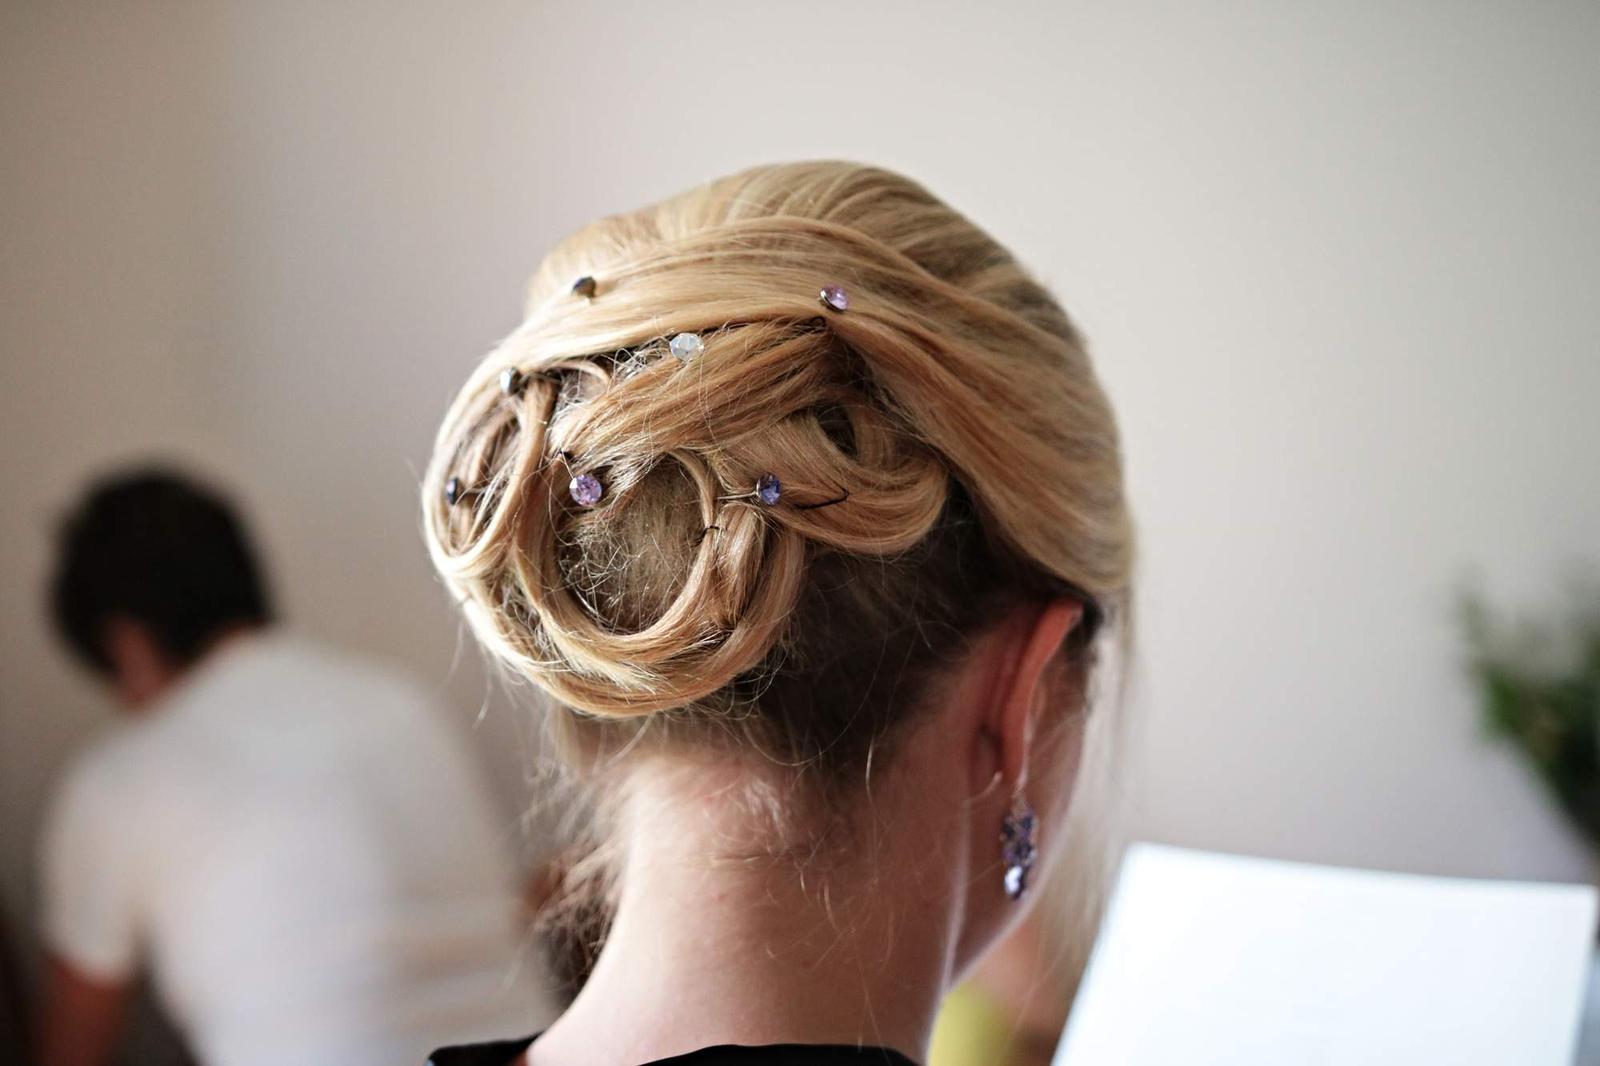 Perličky do vlasu a náušnice ve světle šedé barvě - Obrázek č. 3